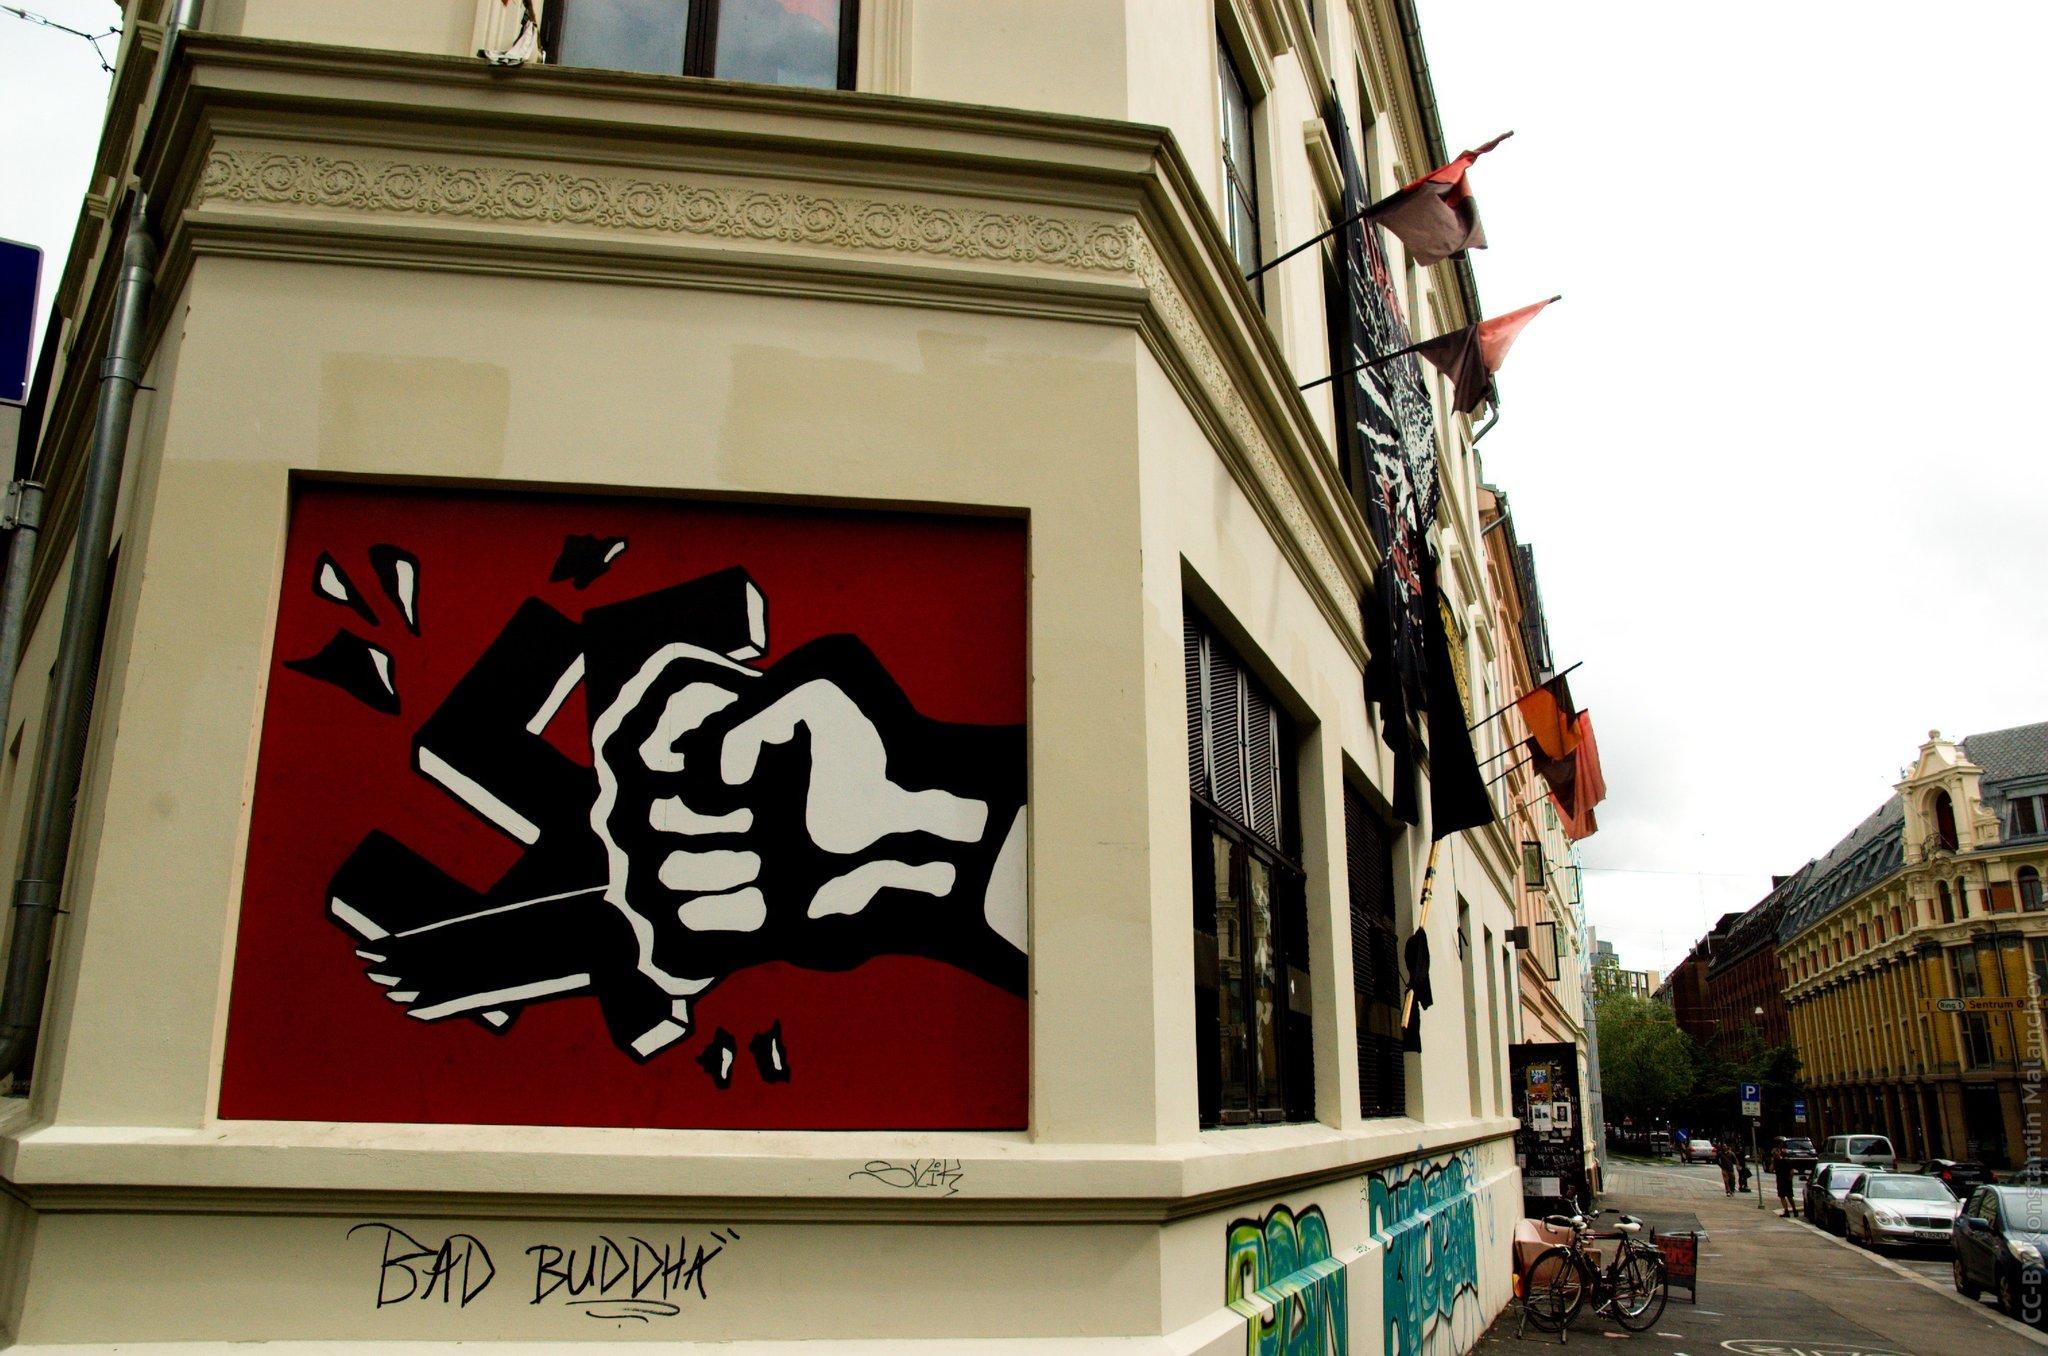 Долой фашизм, автор: Hombit [hombit], лицензия: CC BY 2.0